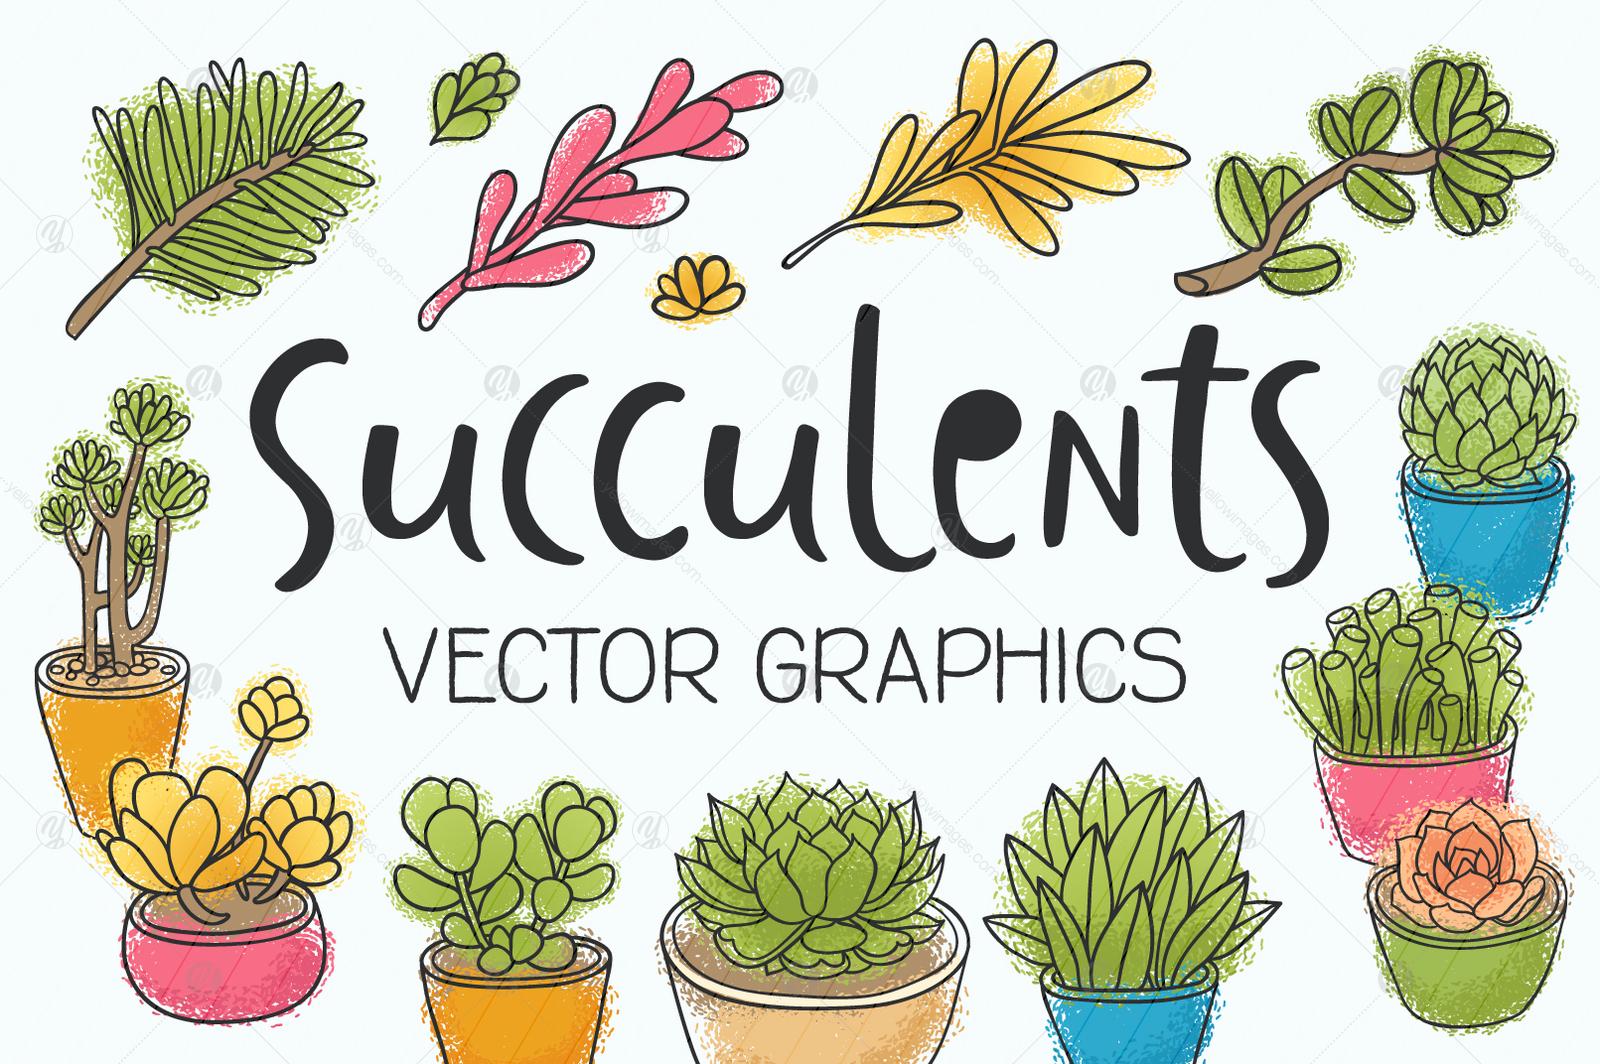 Succulents, 14 vector illustrations